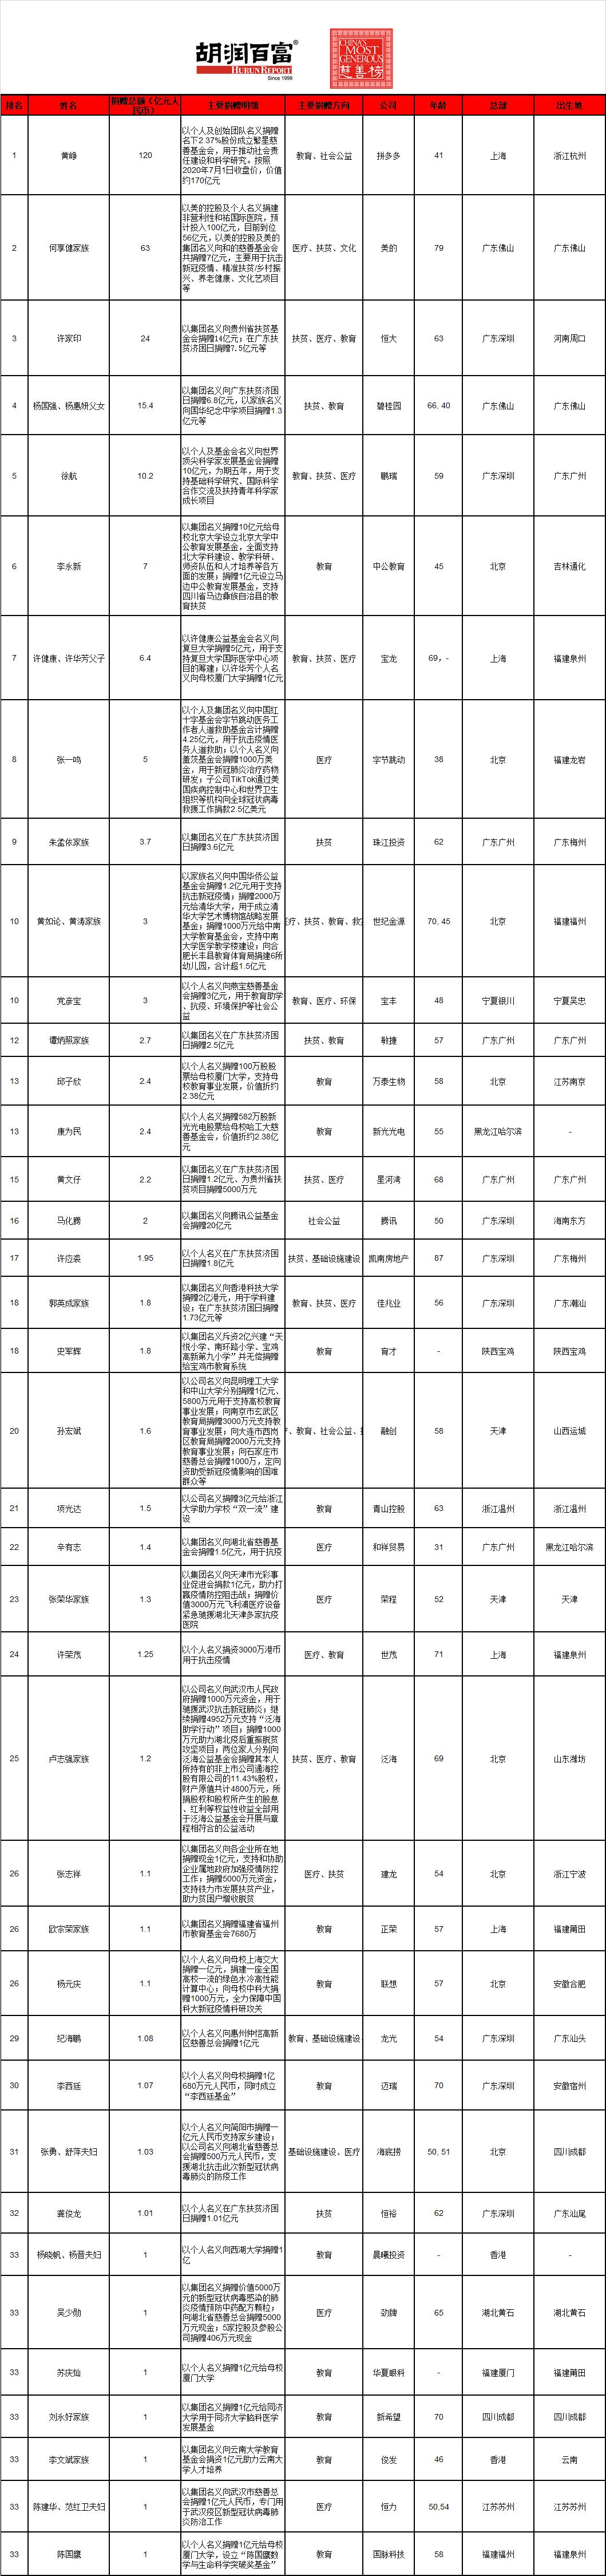 《2021胡润慈善榜》-全图-胡润百富公众号.png.png